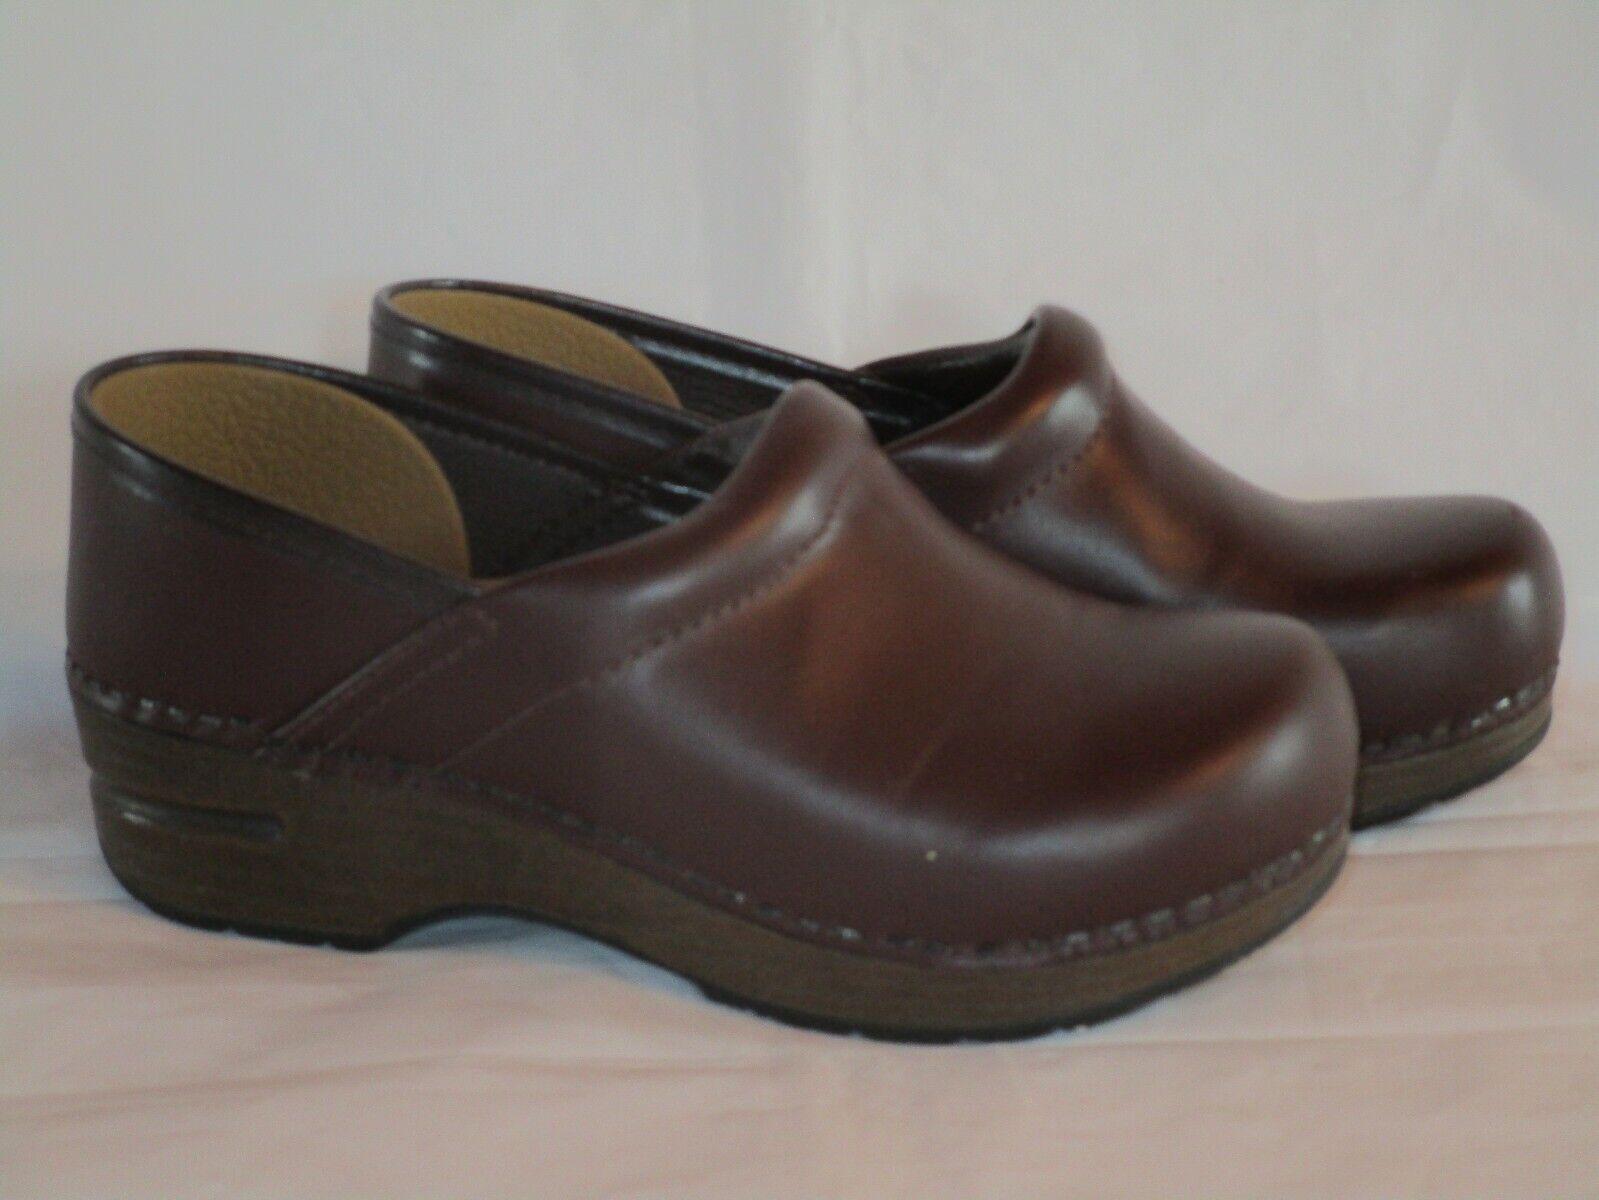 Dansko Women's Dark Brown Leather Clogs Euro Size 32 (US 2-3) Excellent!